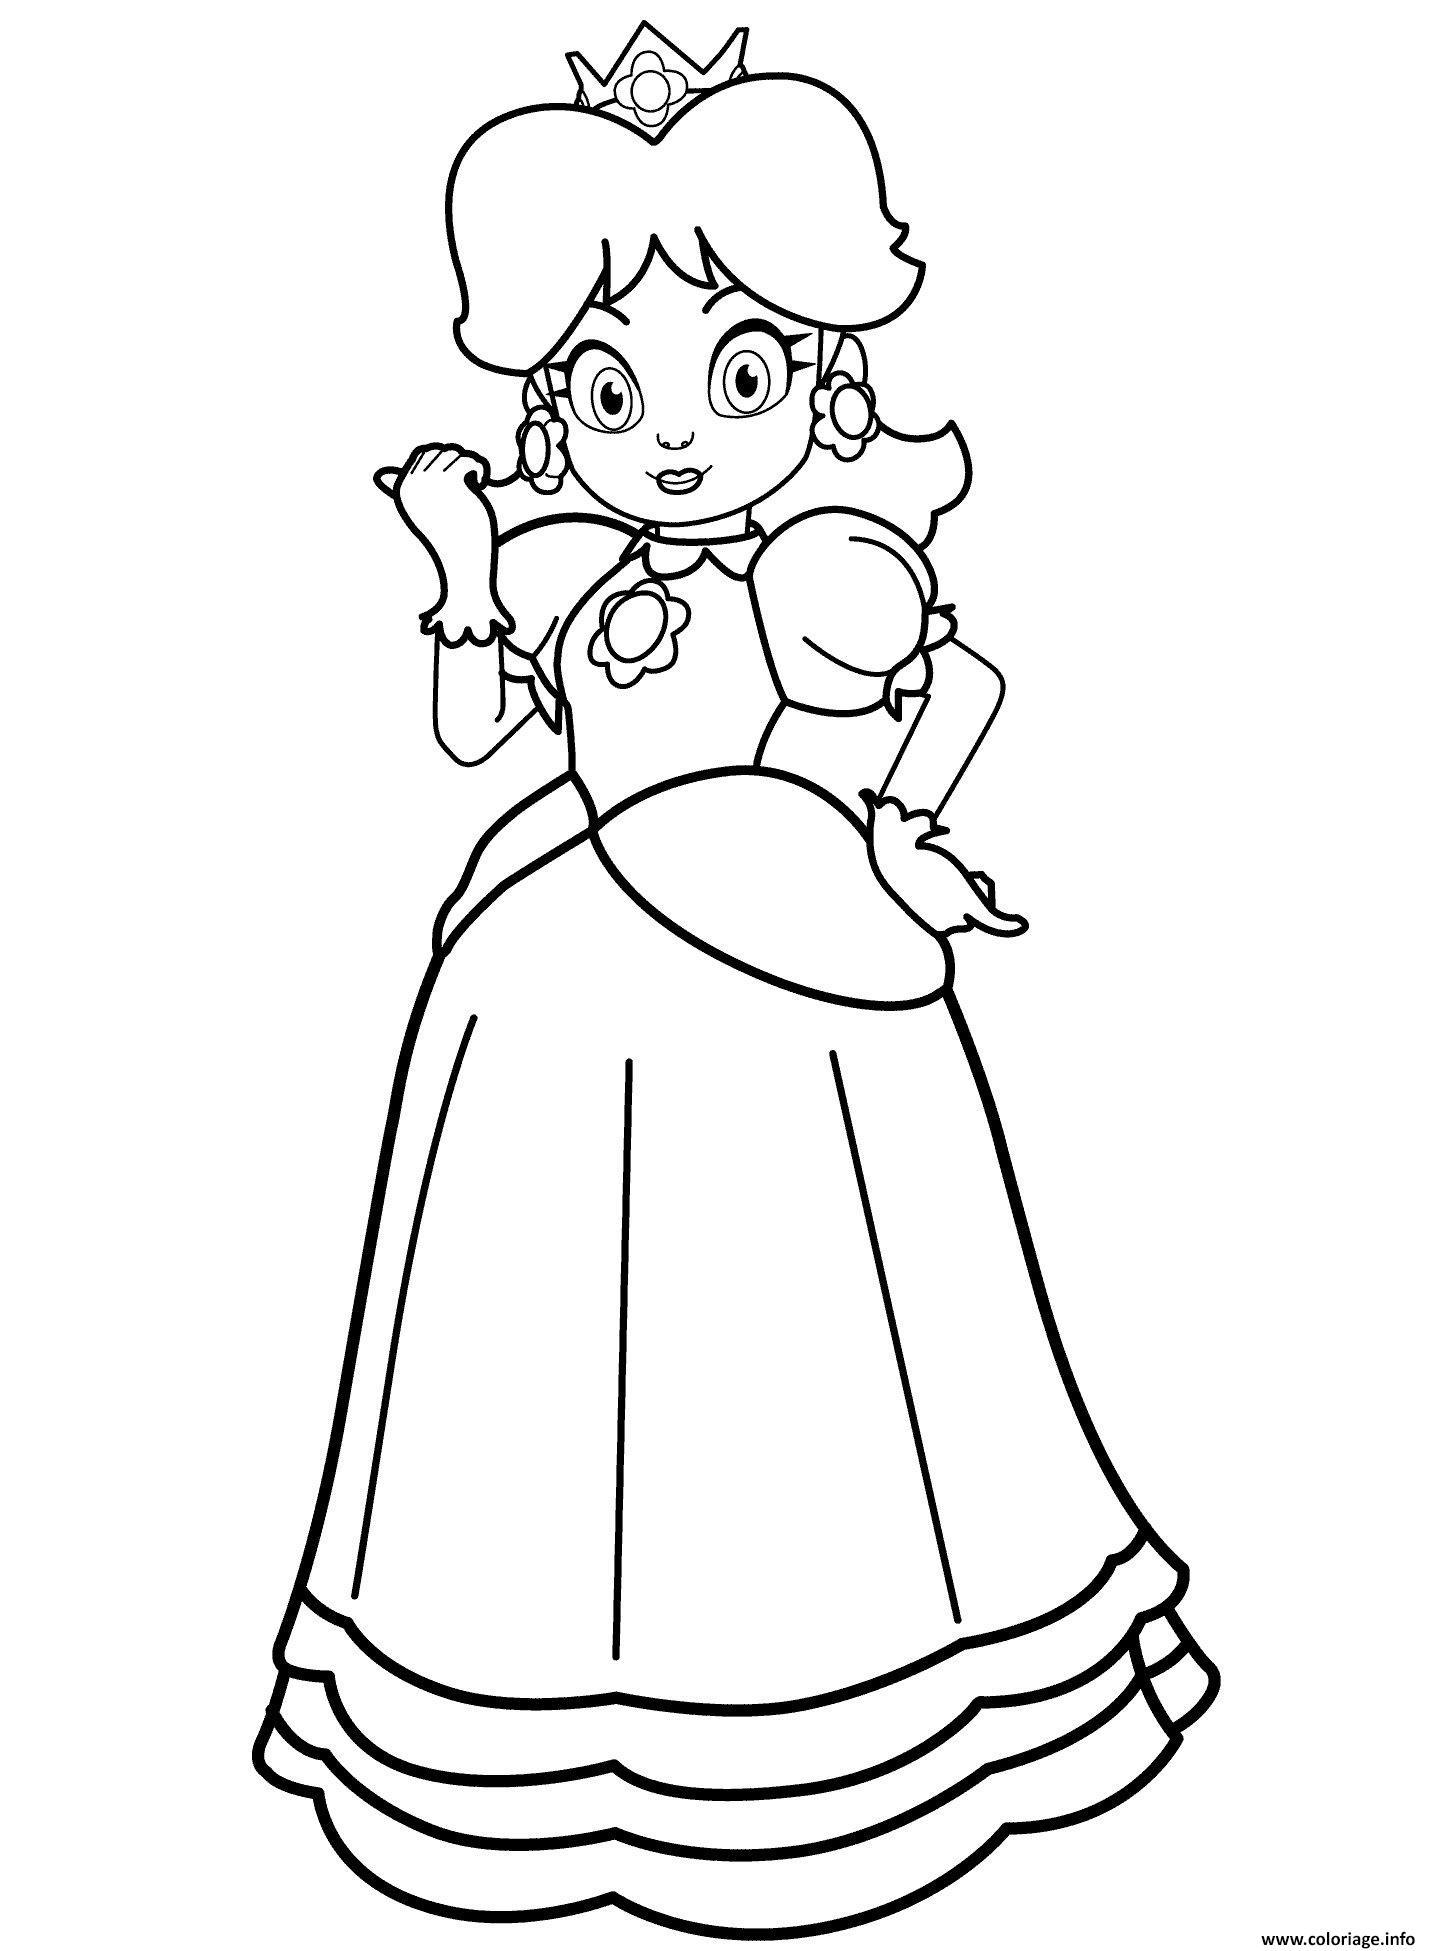 Coloriage Princesse Peach Du Royaume Champignon Dessin Princesse à ...